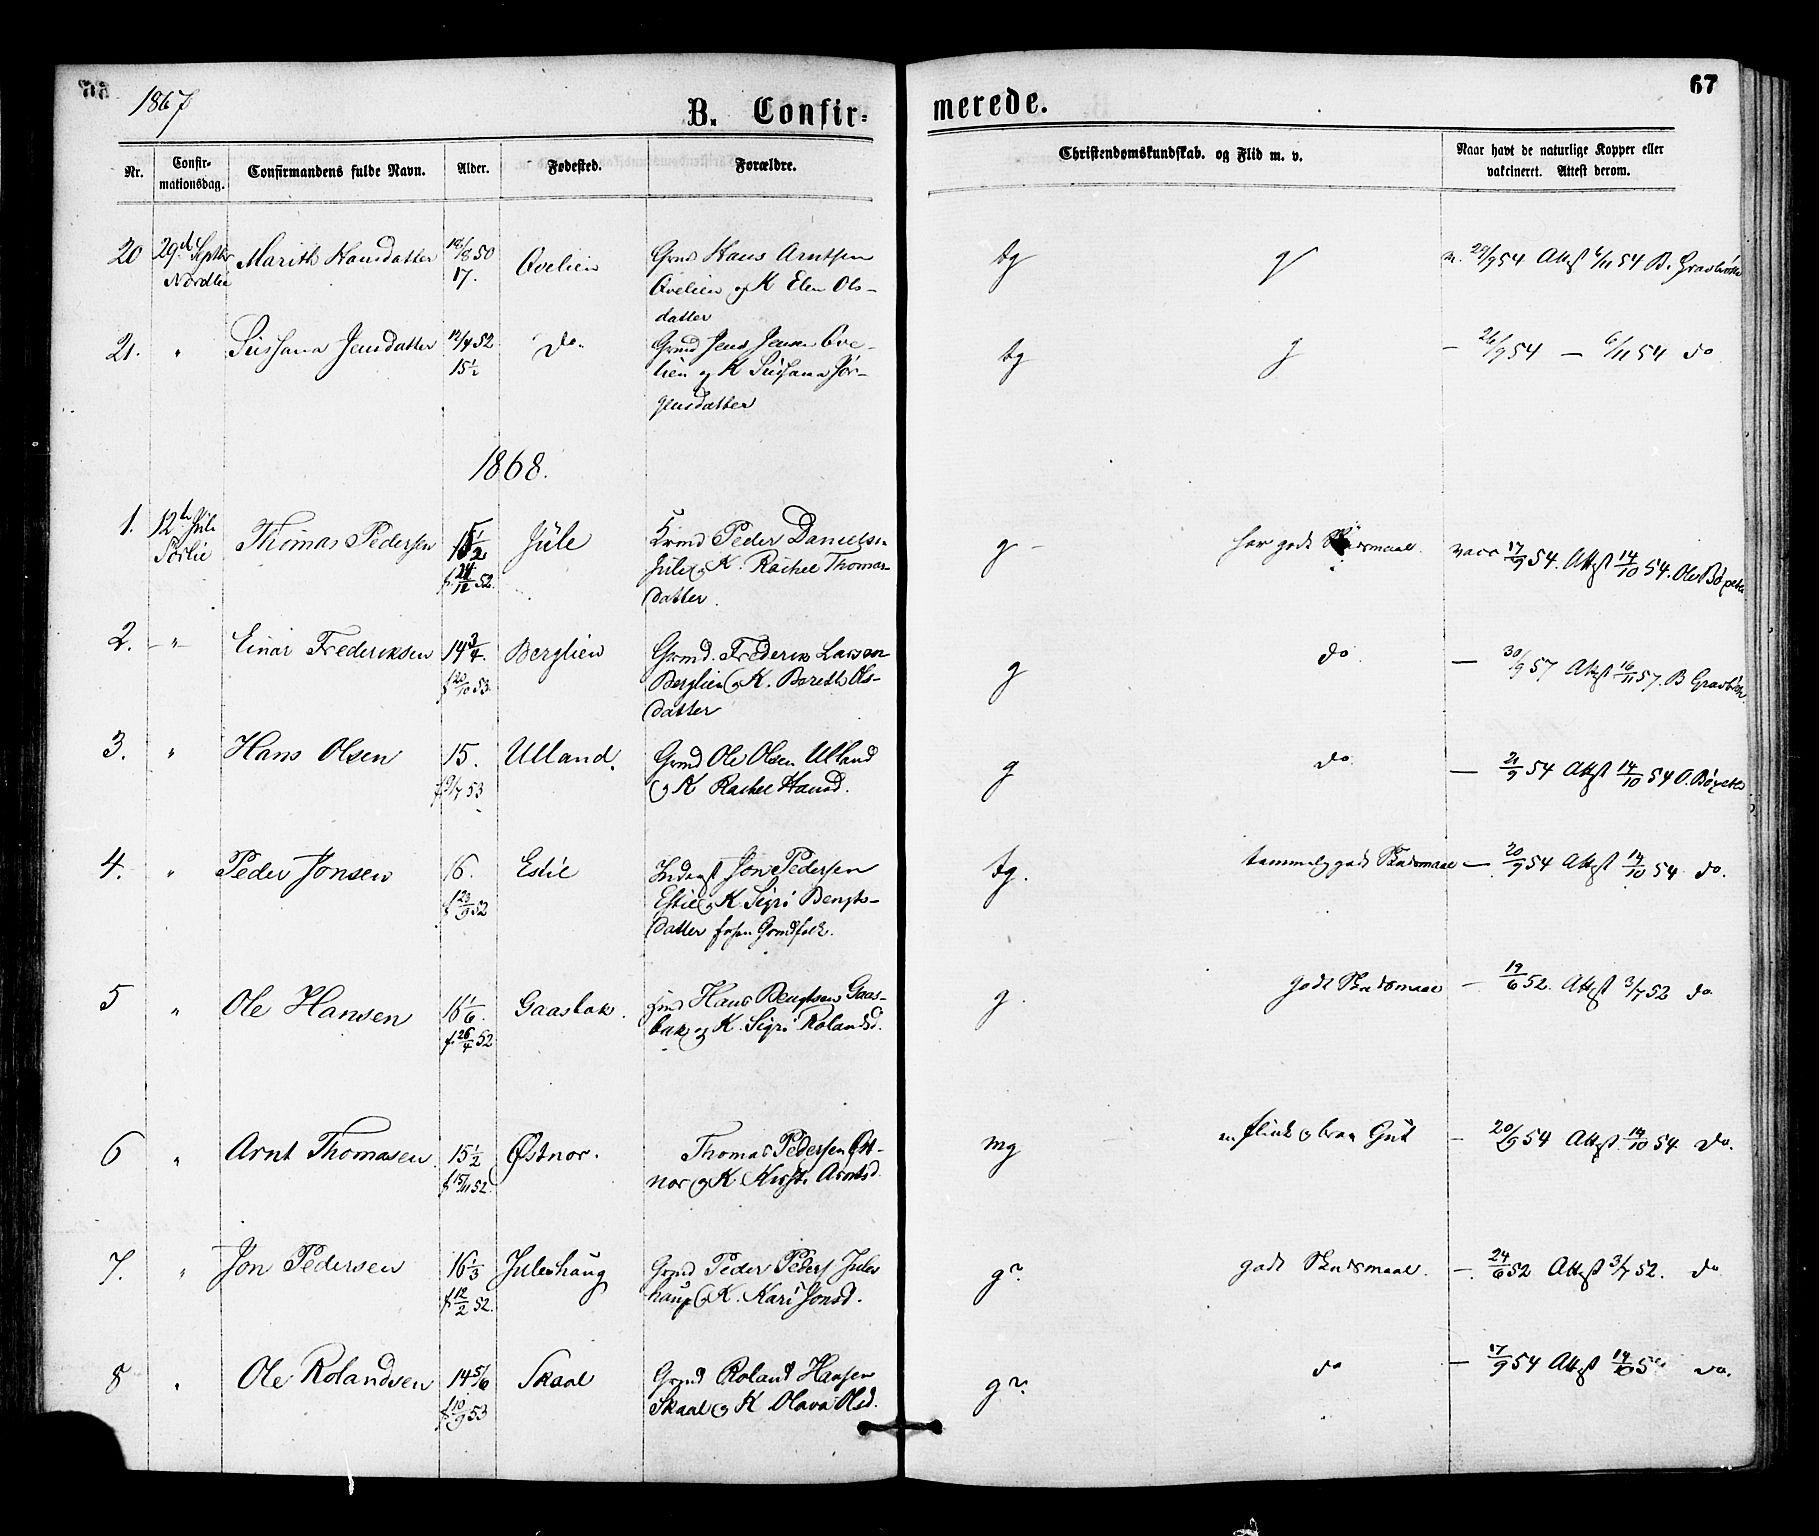 SAT, Ministerialprotokoller, klokkerbøker og fødselsregistre - Nord-Trøndelag, 755/L0493: Ministerialbok nr. 755A02, 1865-1881, s. 67